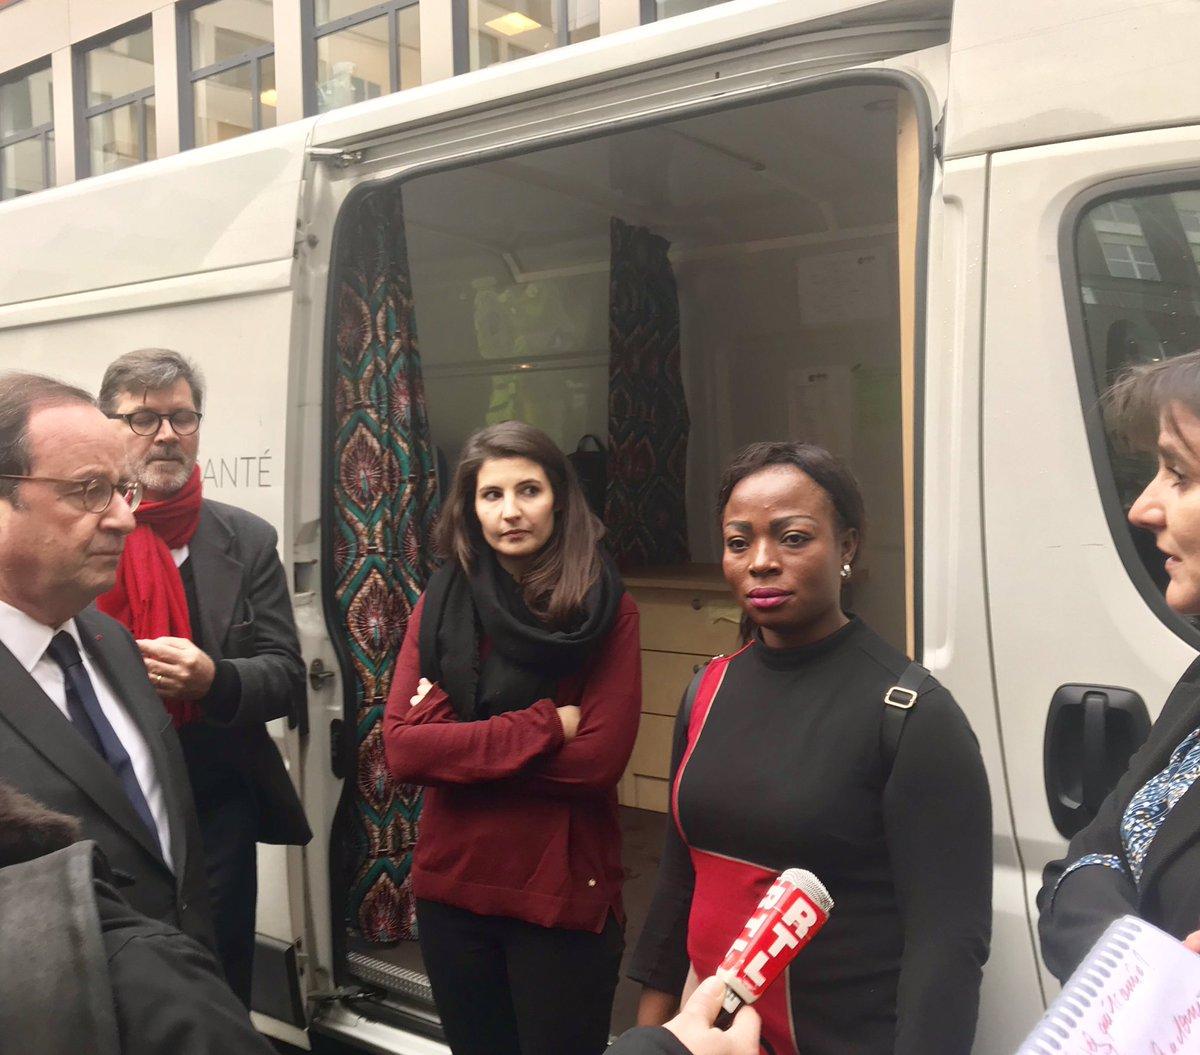 Visite de la Cité des Dames, le premier centre d'accueil exclusivement dédié aux femmes. Merci à @_ADSF_, lauréat de @LaFrancesengage et à @armeedusalut pour leur engagement en faveur des femmes les plus vulnérables.